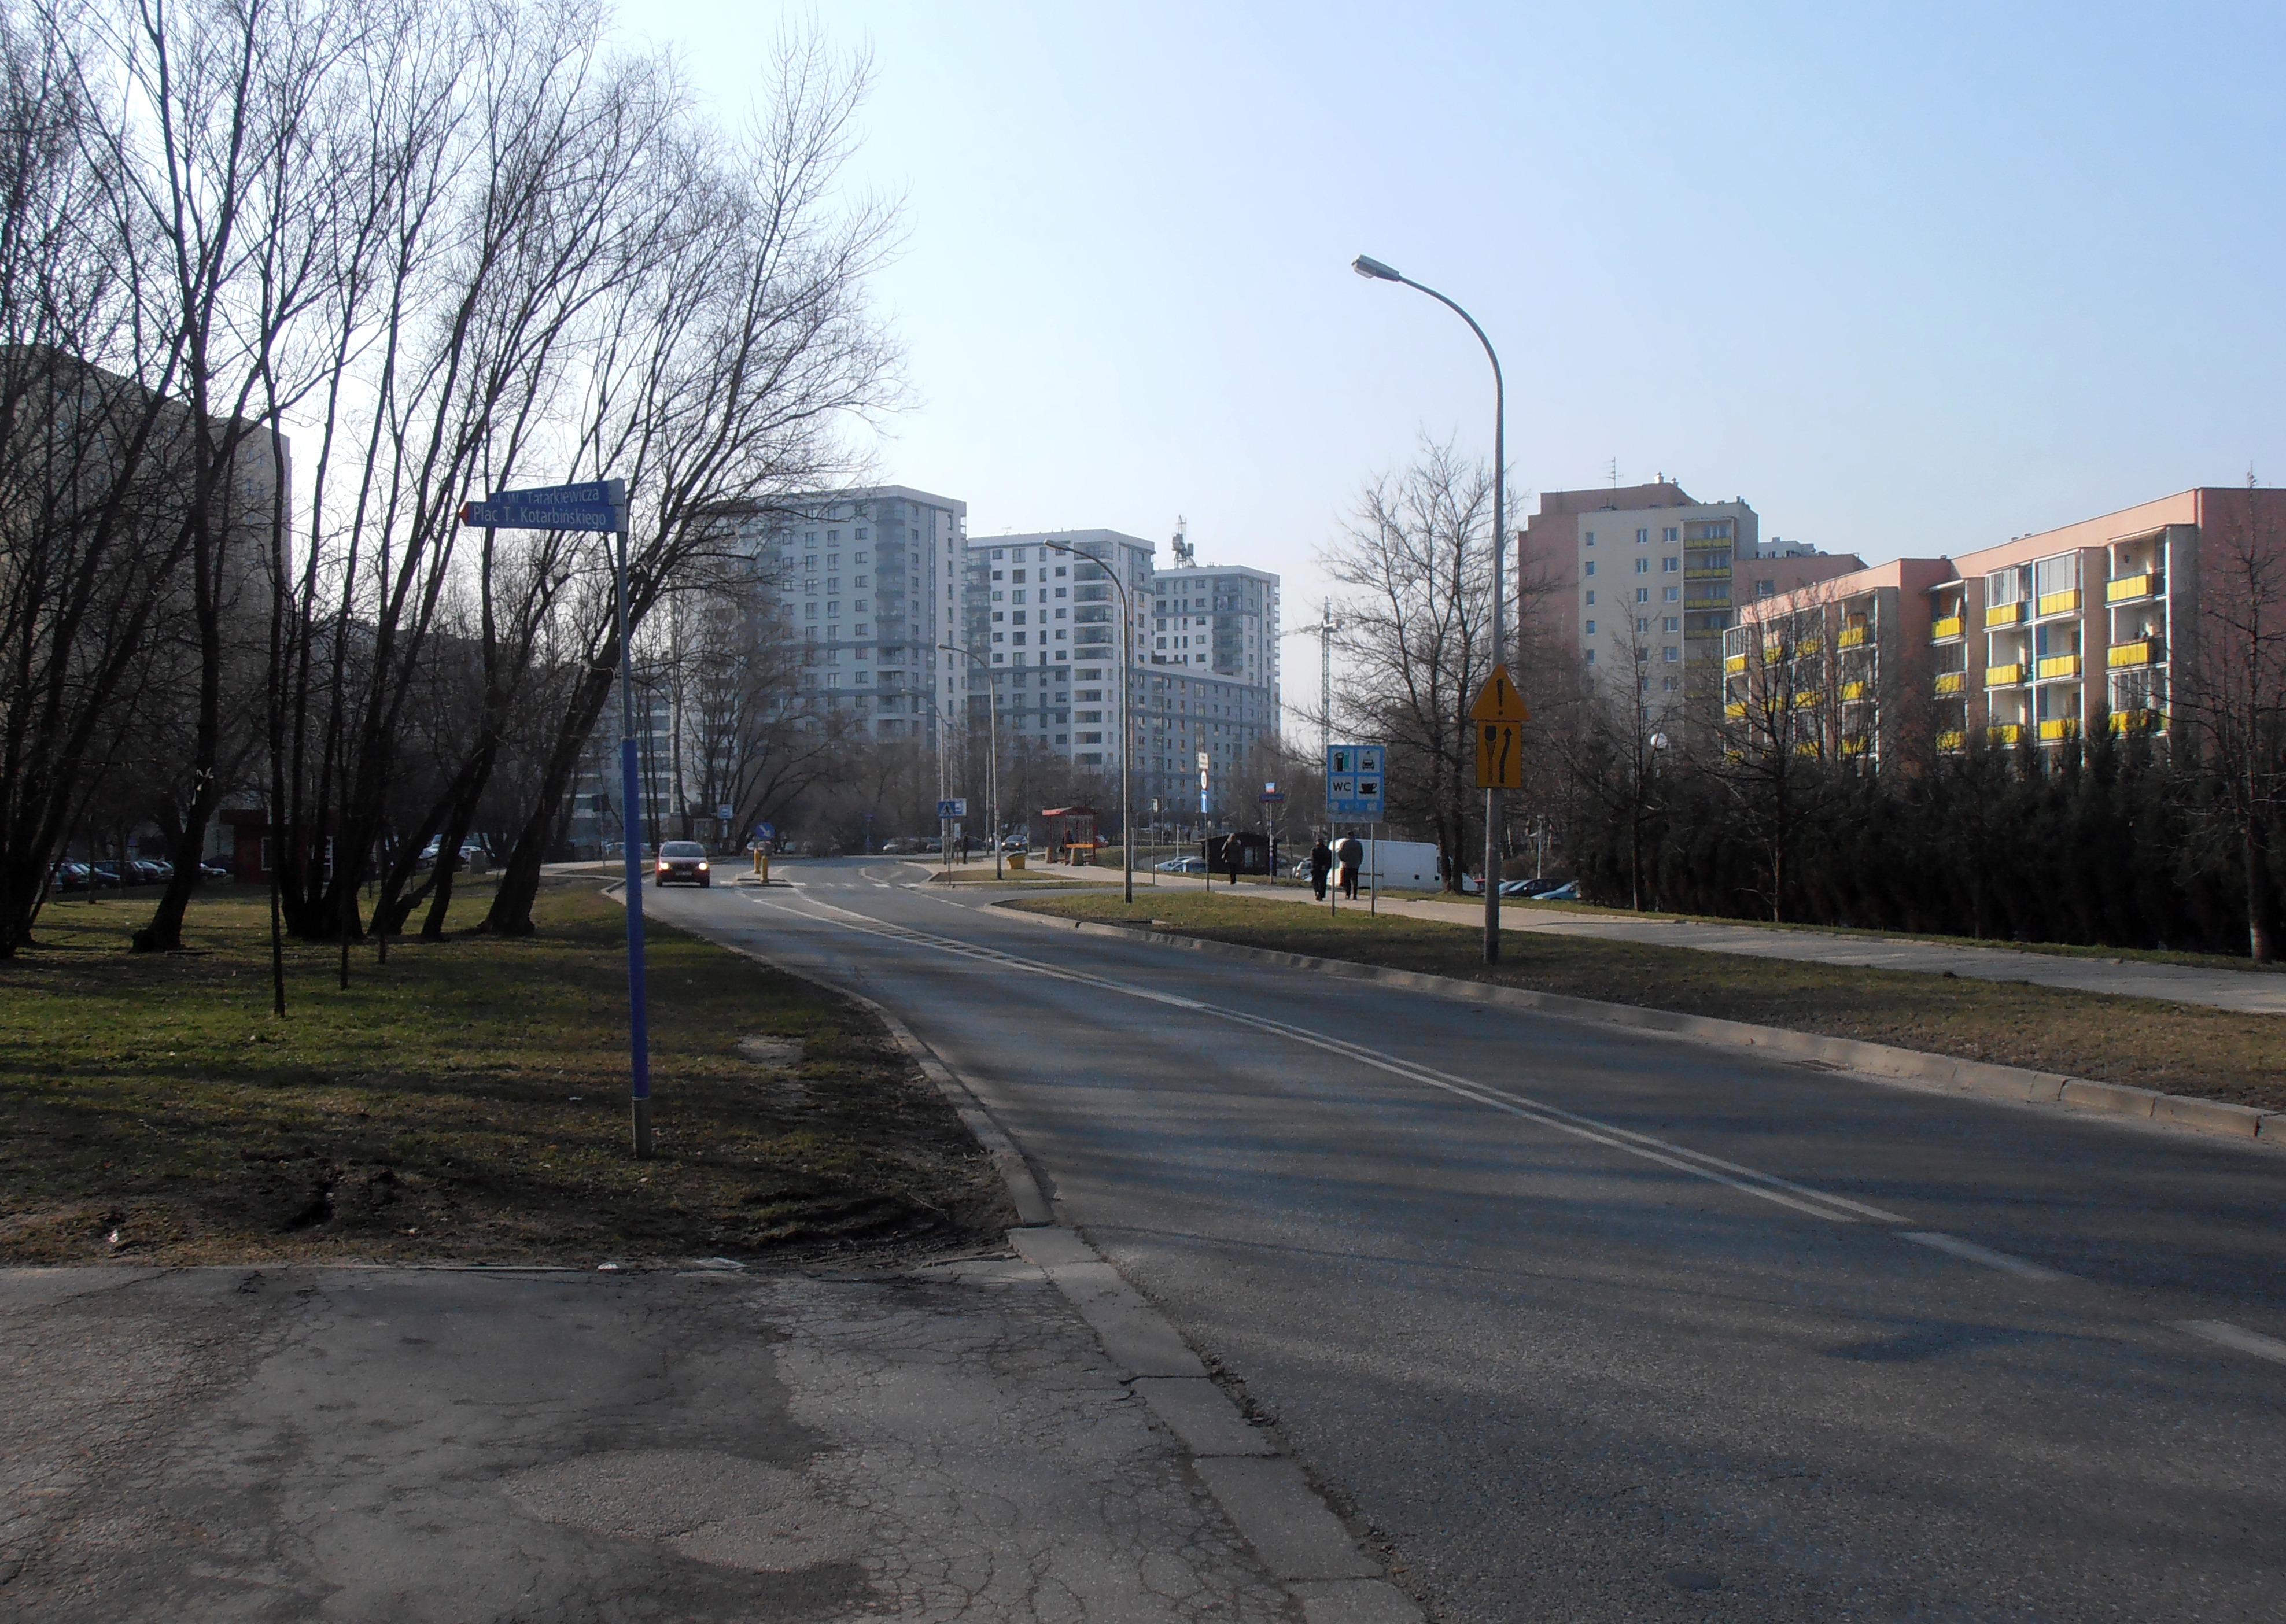 Ulica Jugosłowiańska